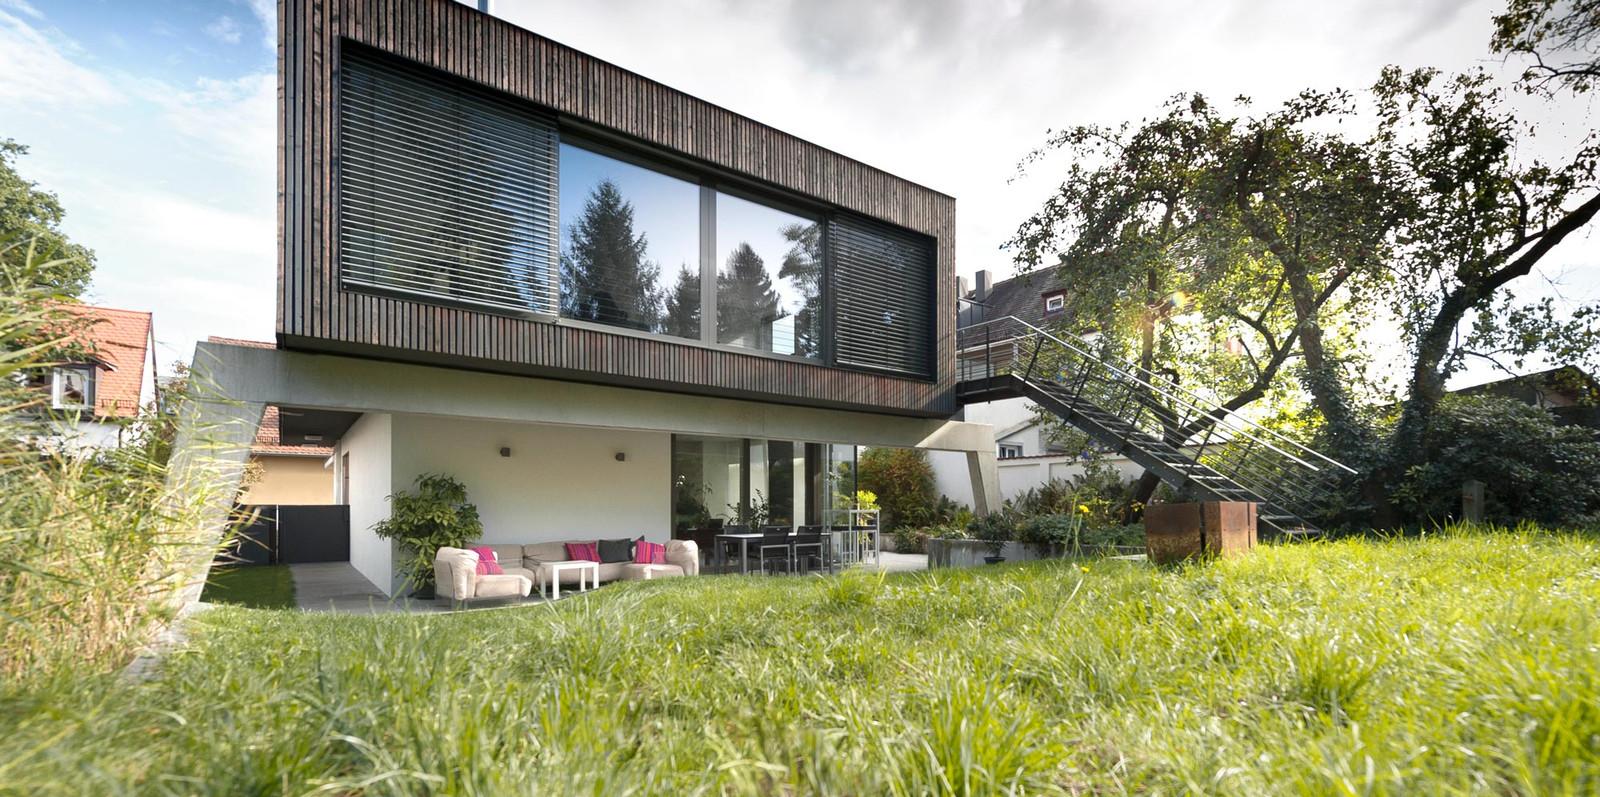 Architekt Erlangen villa in erlenstegen nürnberg grimm architekten bda architekt